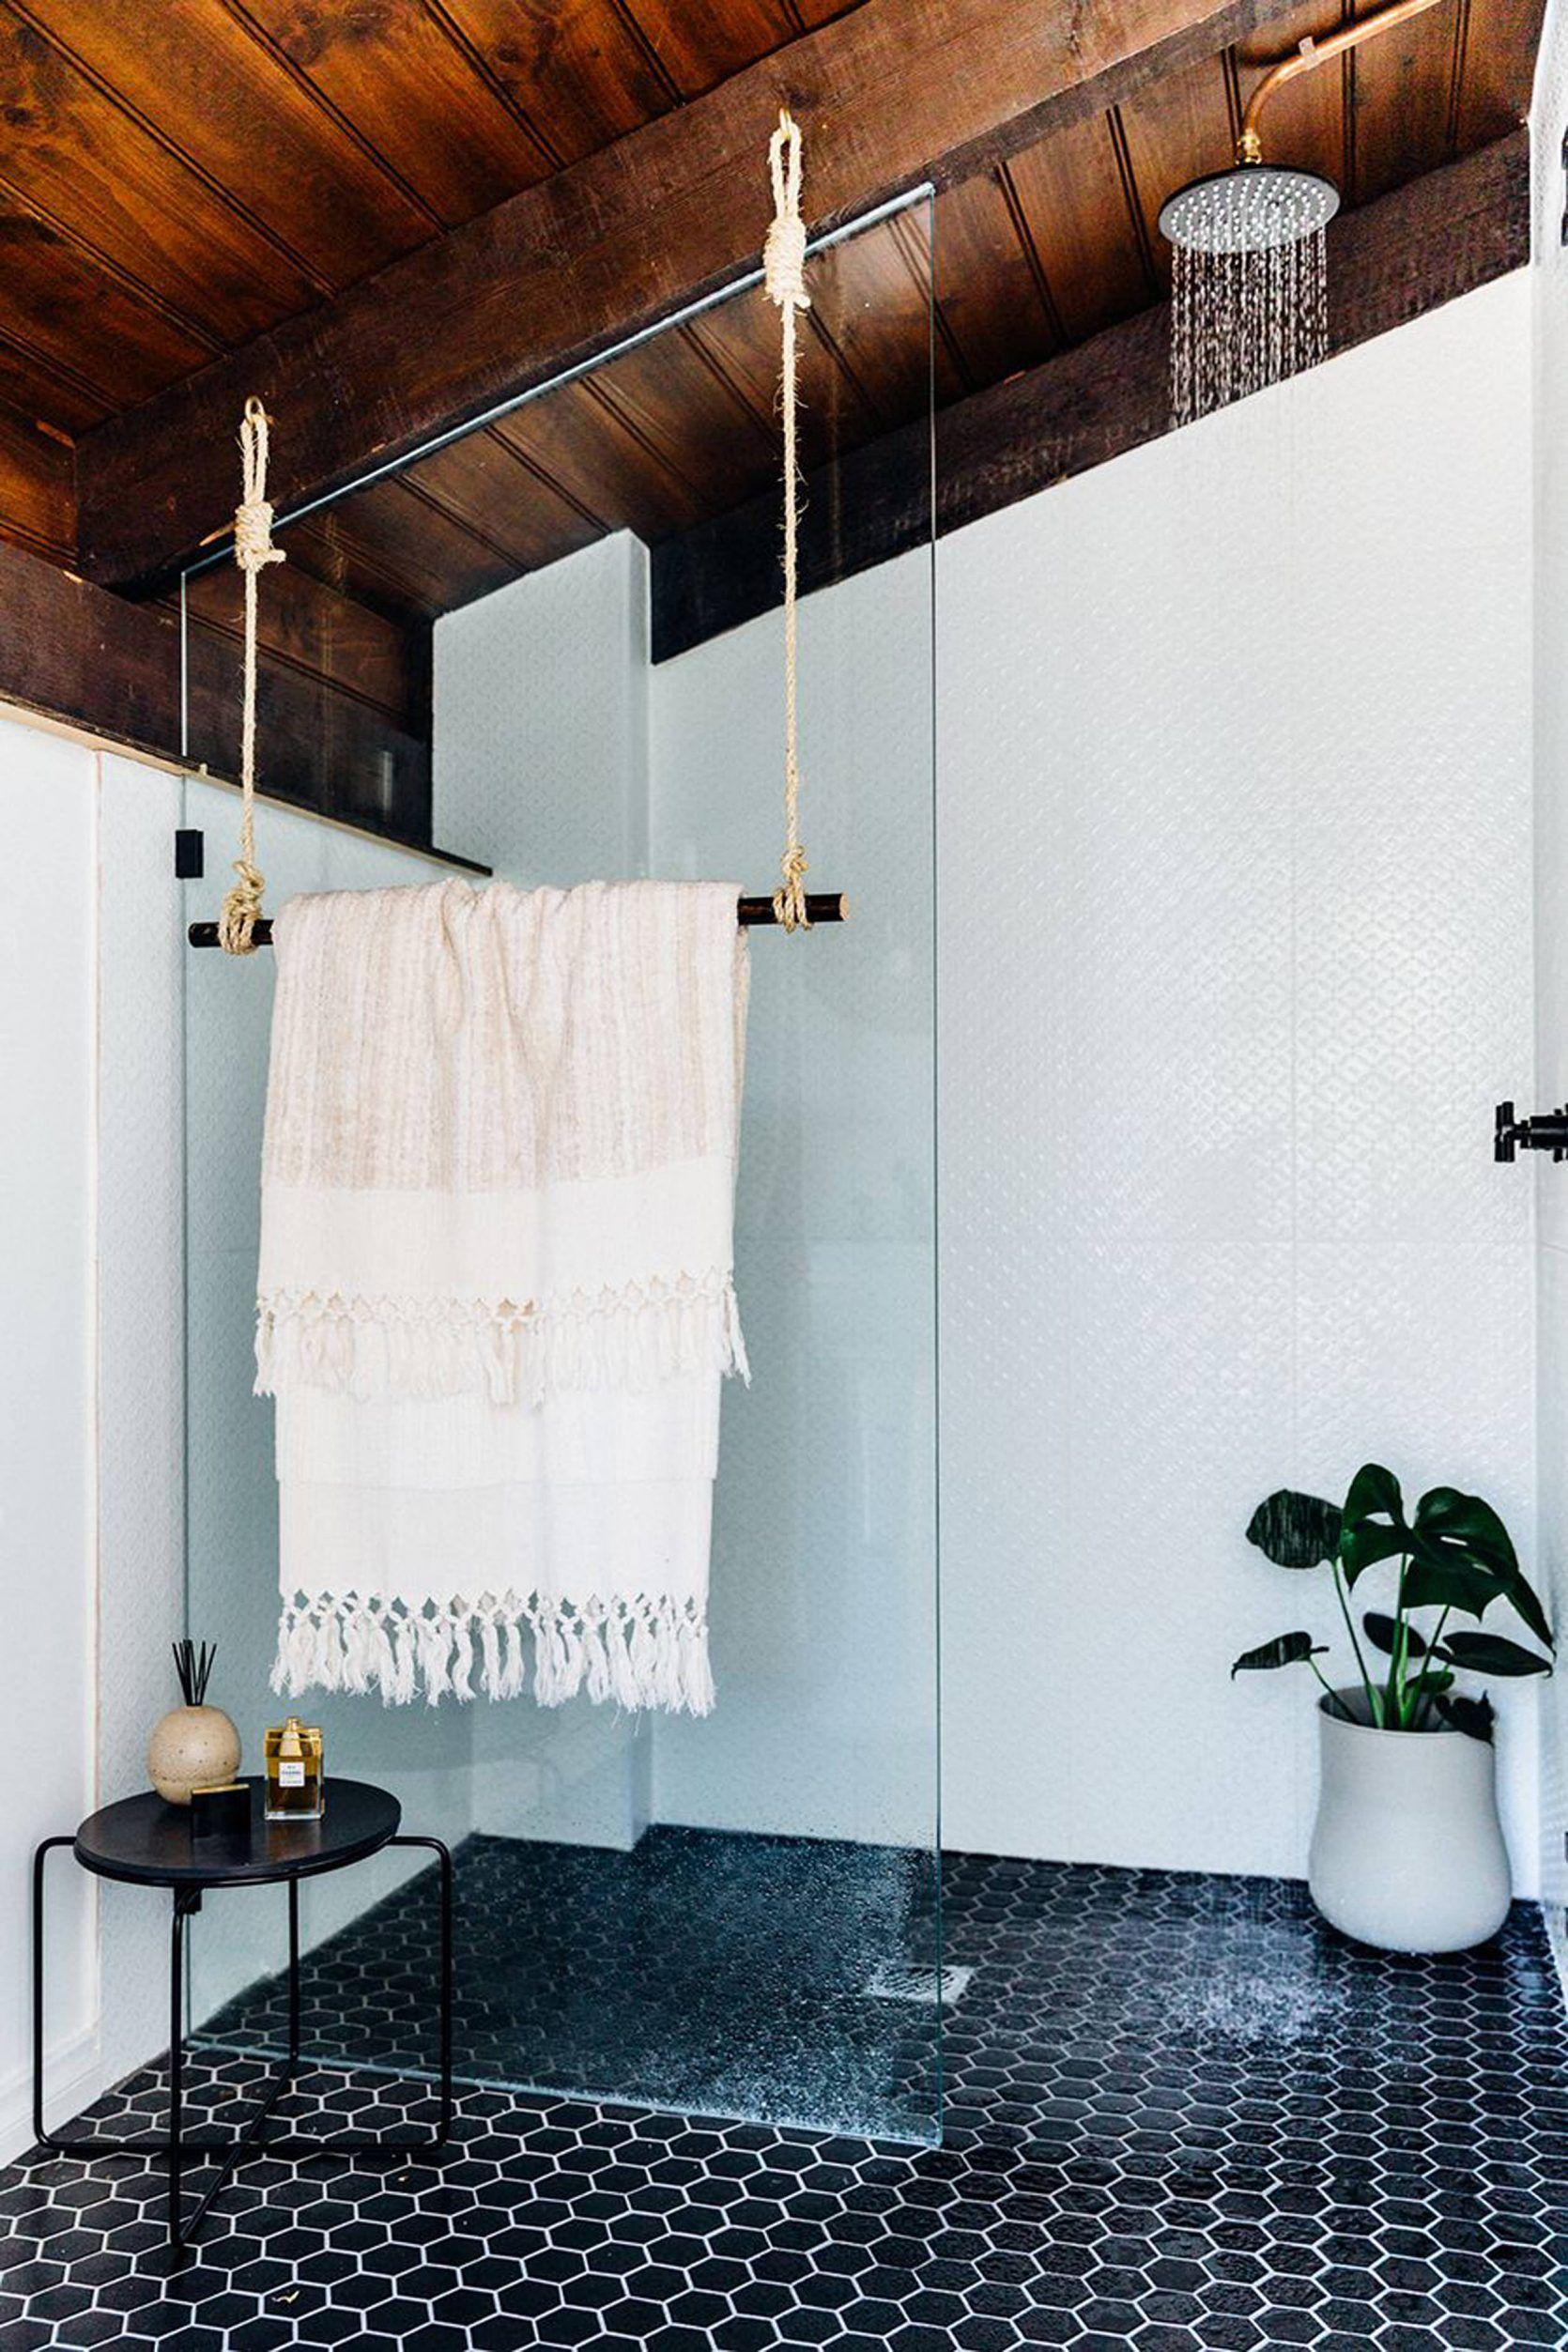 Trends In Bathroom Design 2019